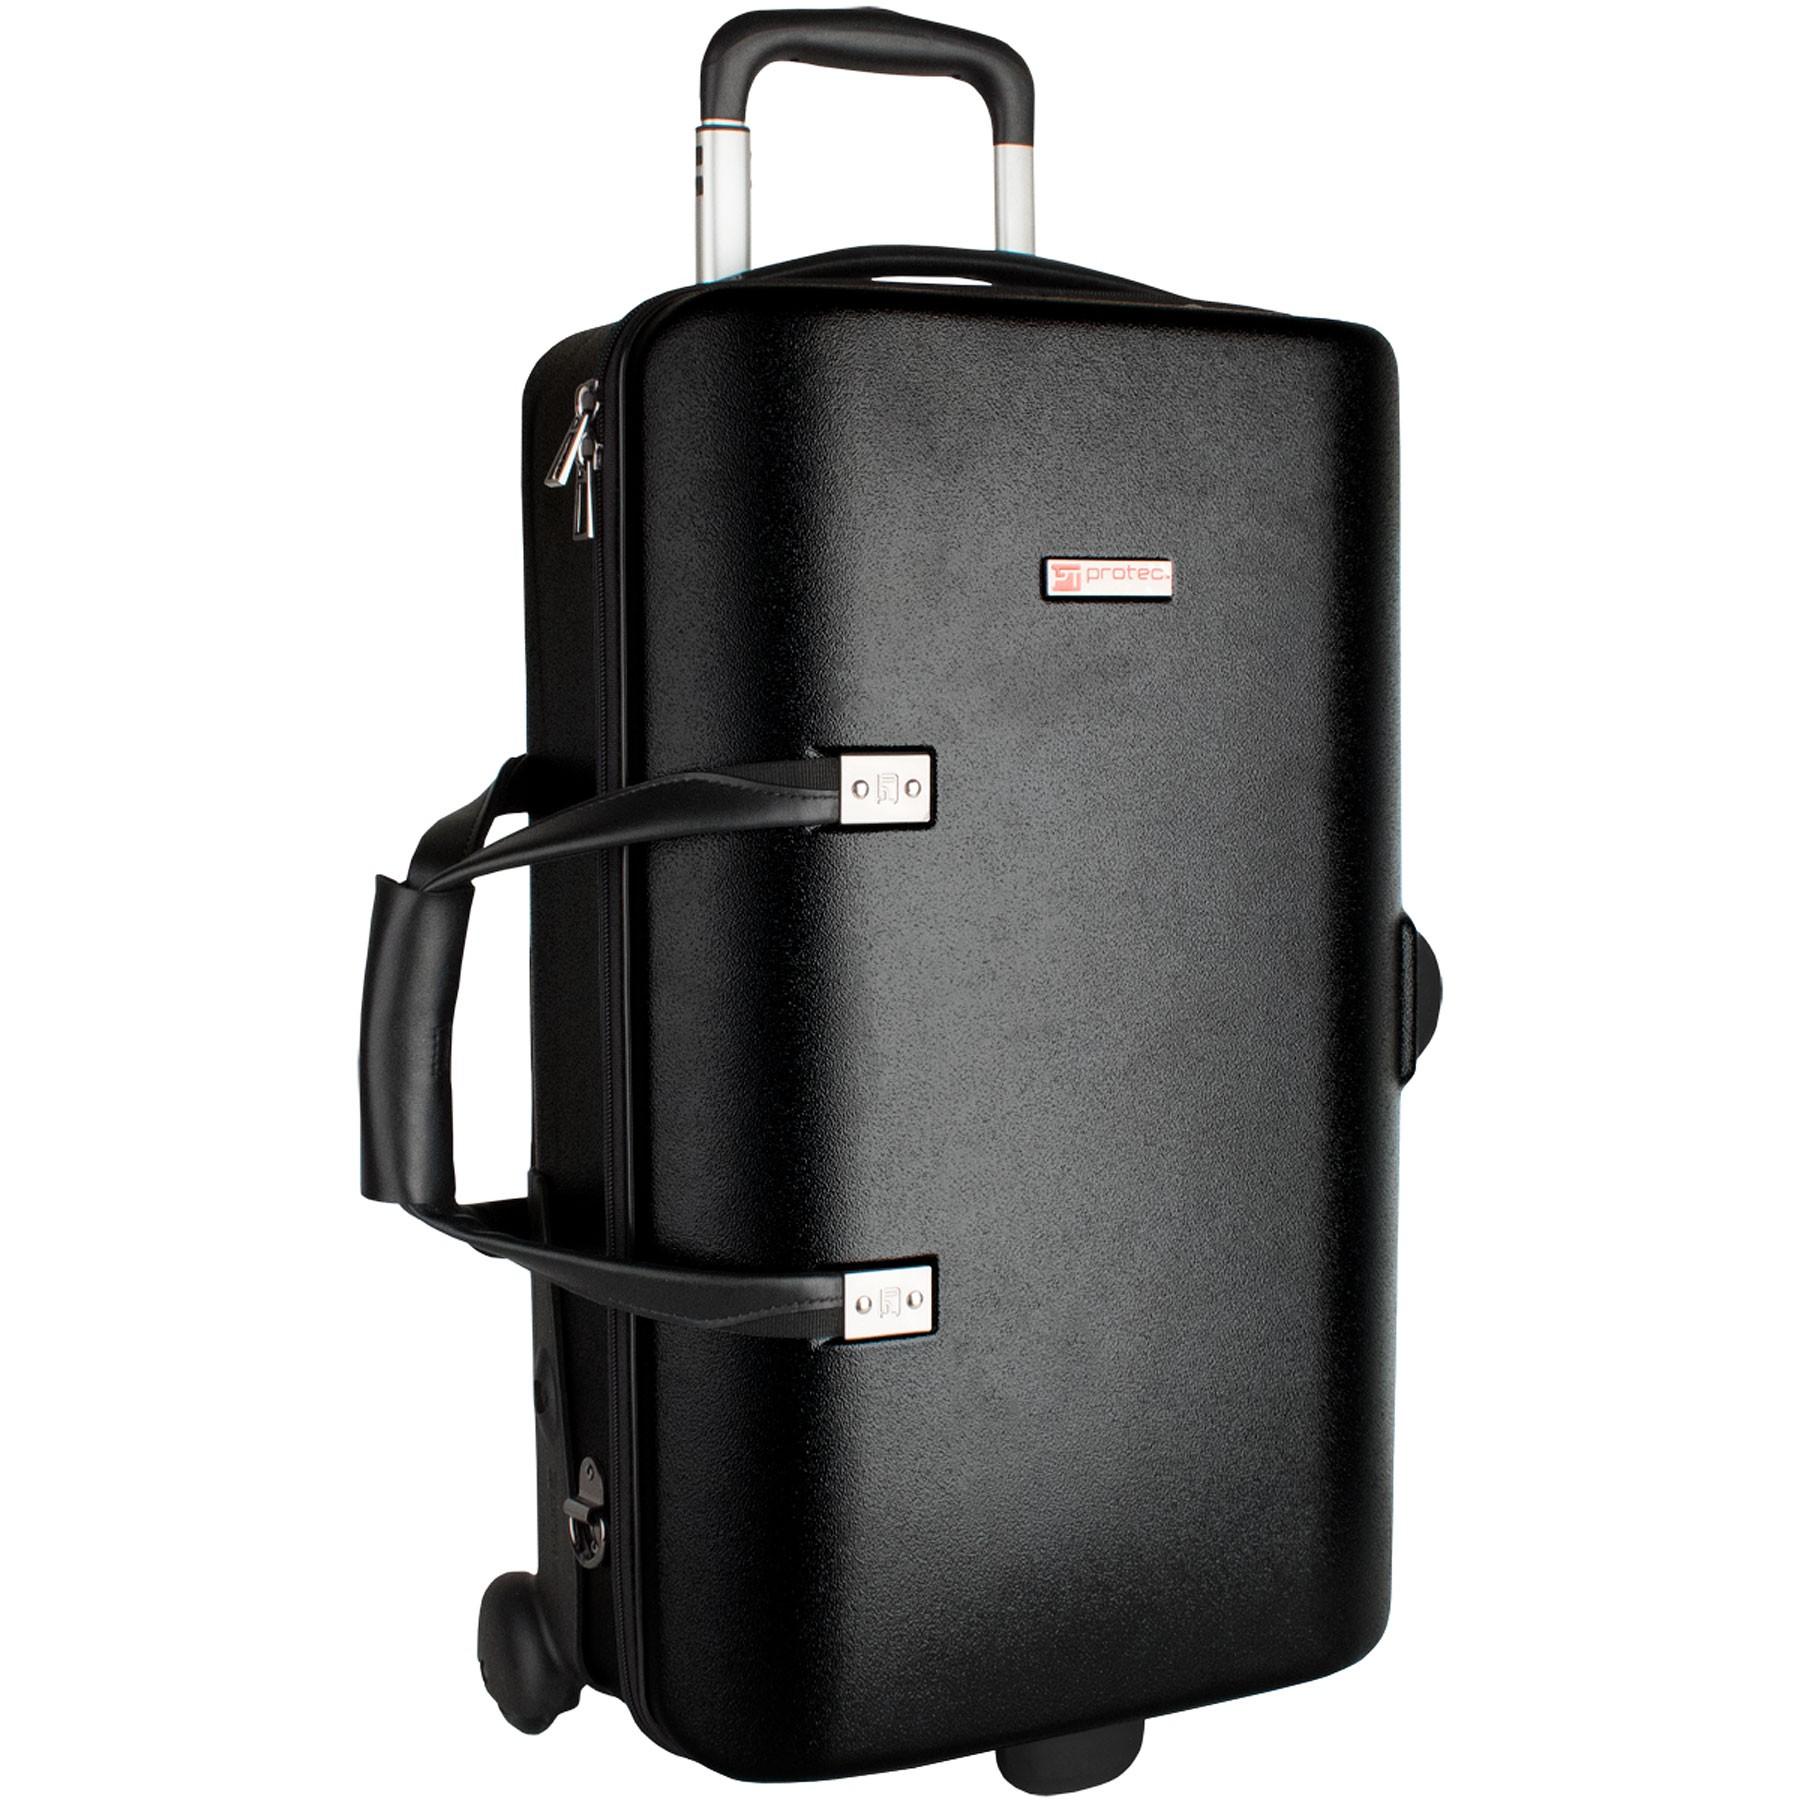 Protec Single / Double / Triple Horn ZIP Case (Black BLT301T)